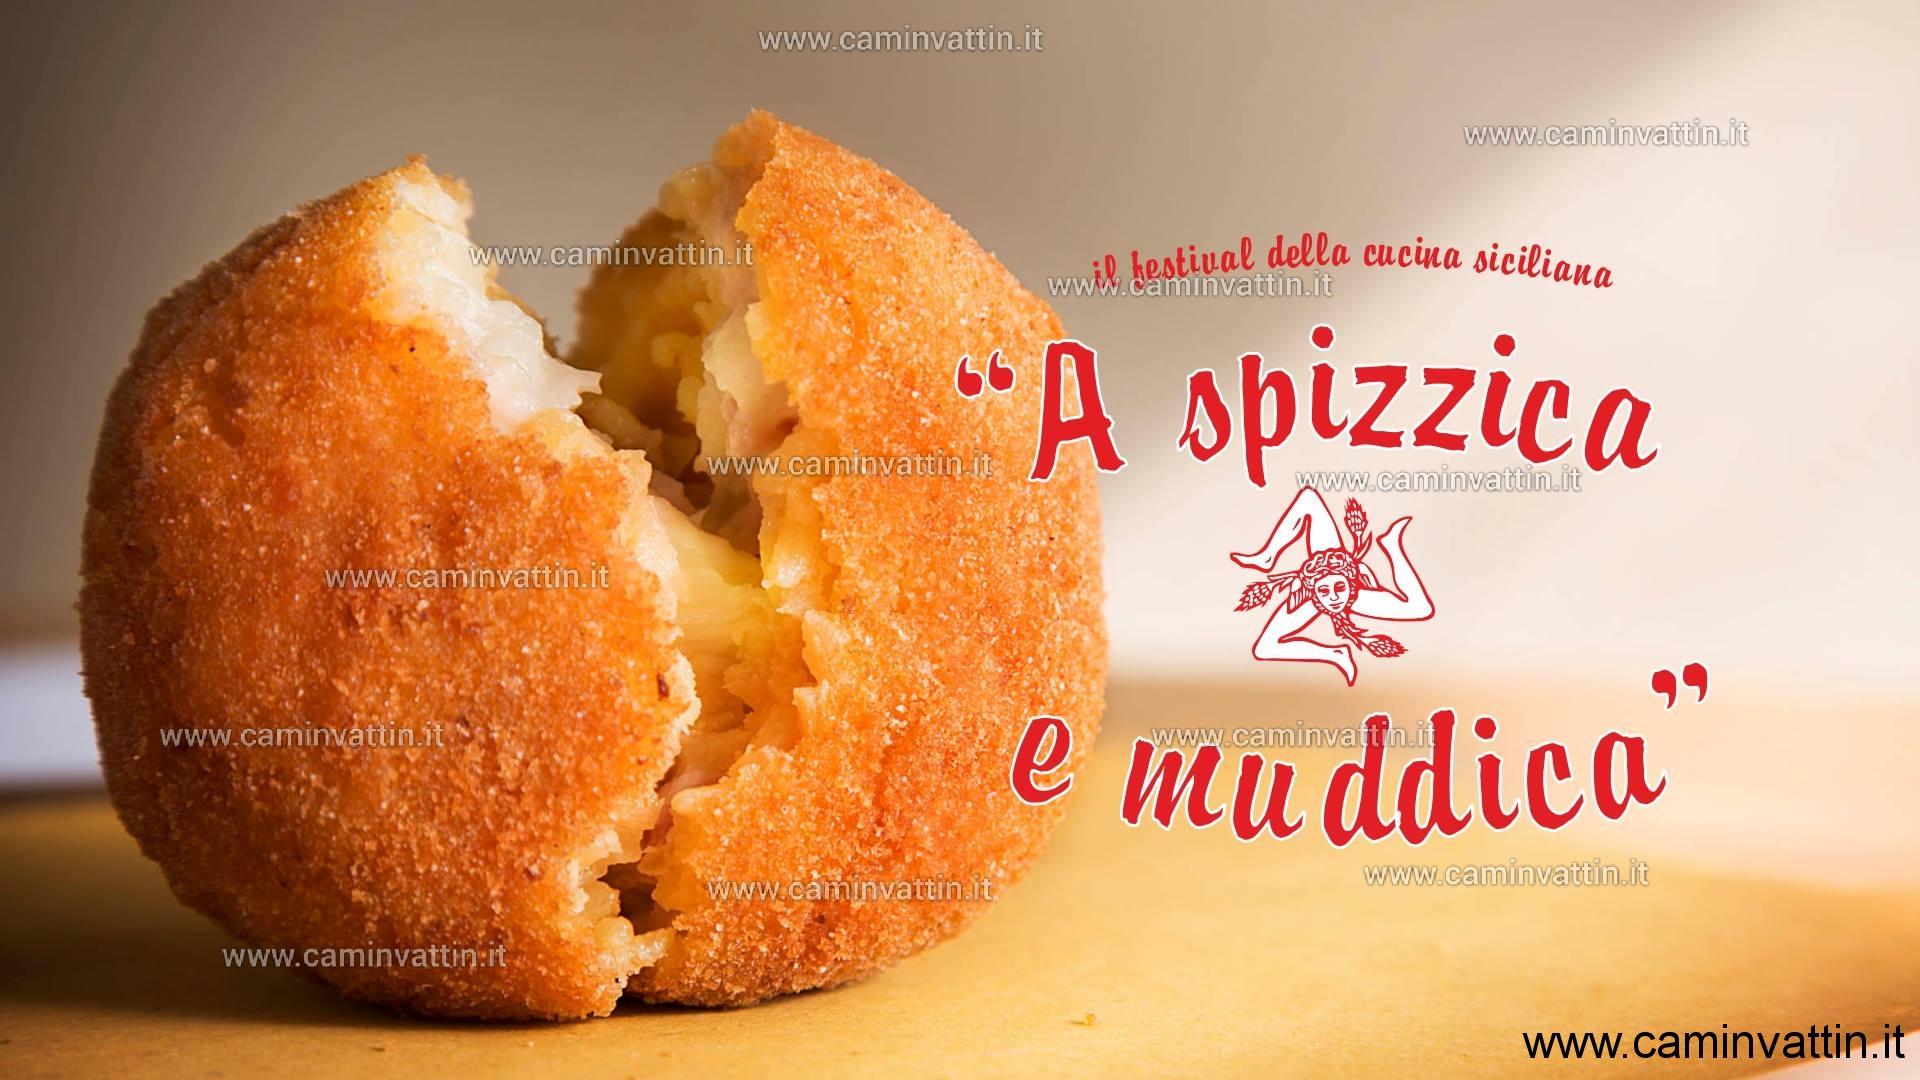 A spìzzica e muddica il festival della cucina siciliana camin vattin